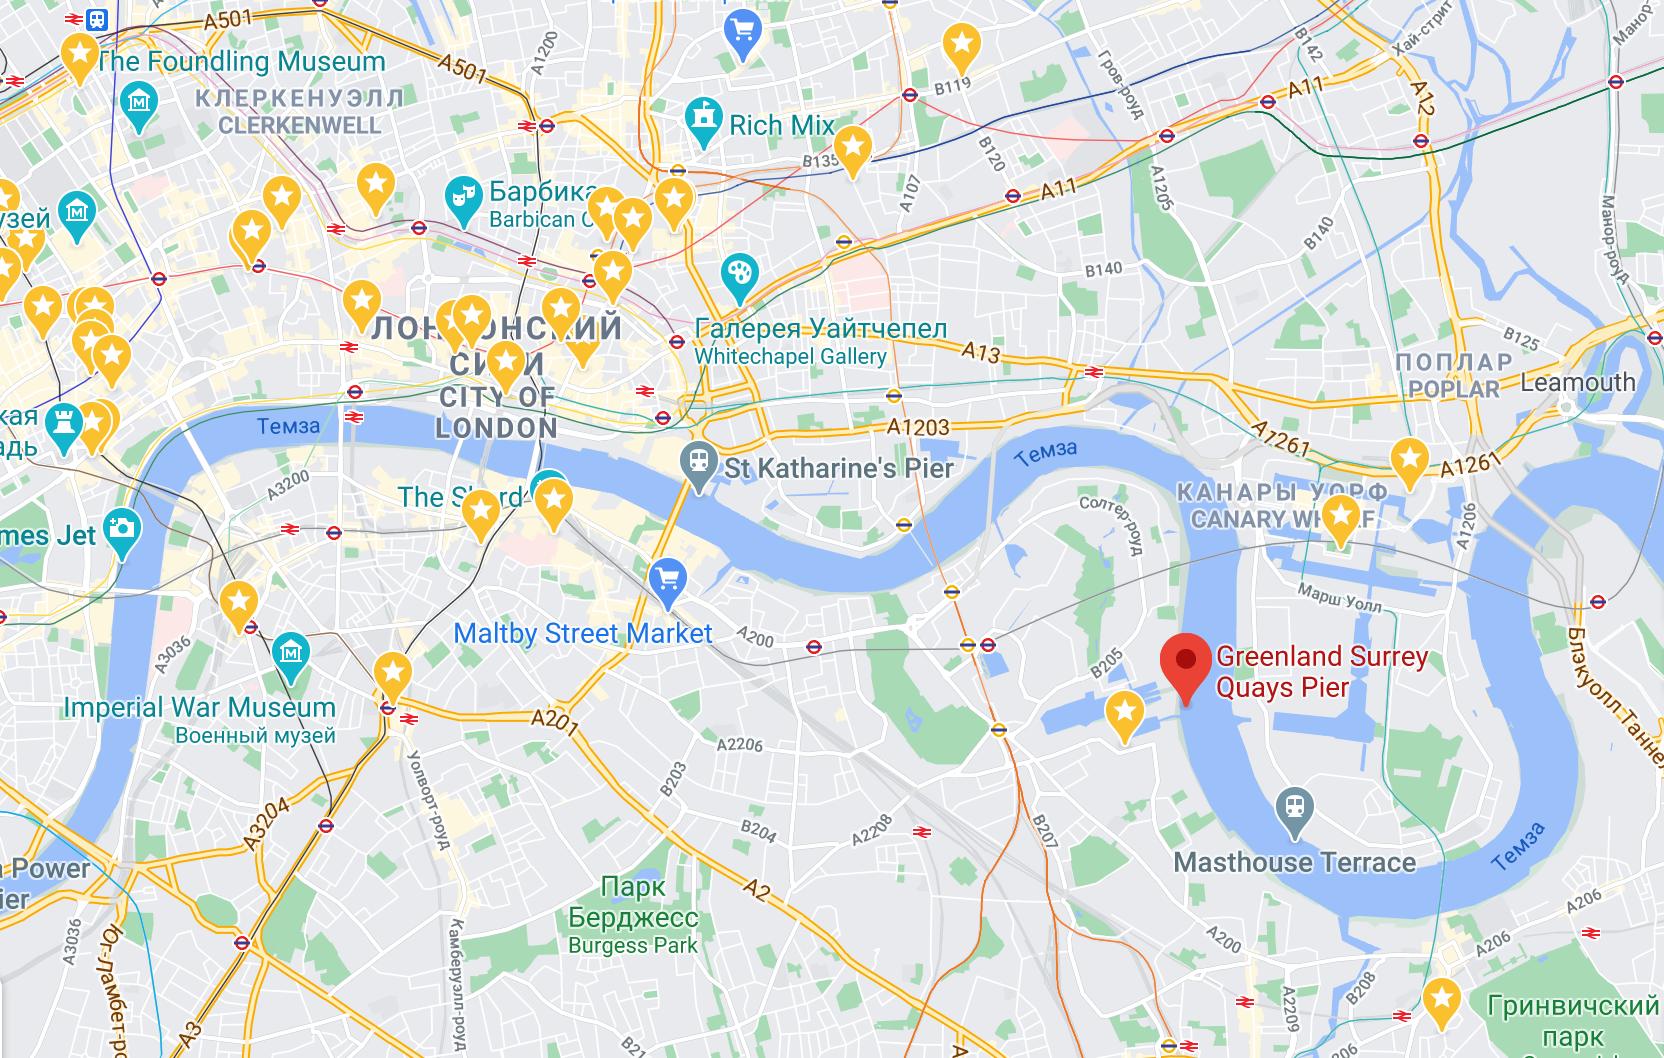 Красная точка —ближайший к съемной квартире причал